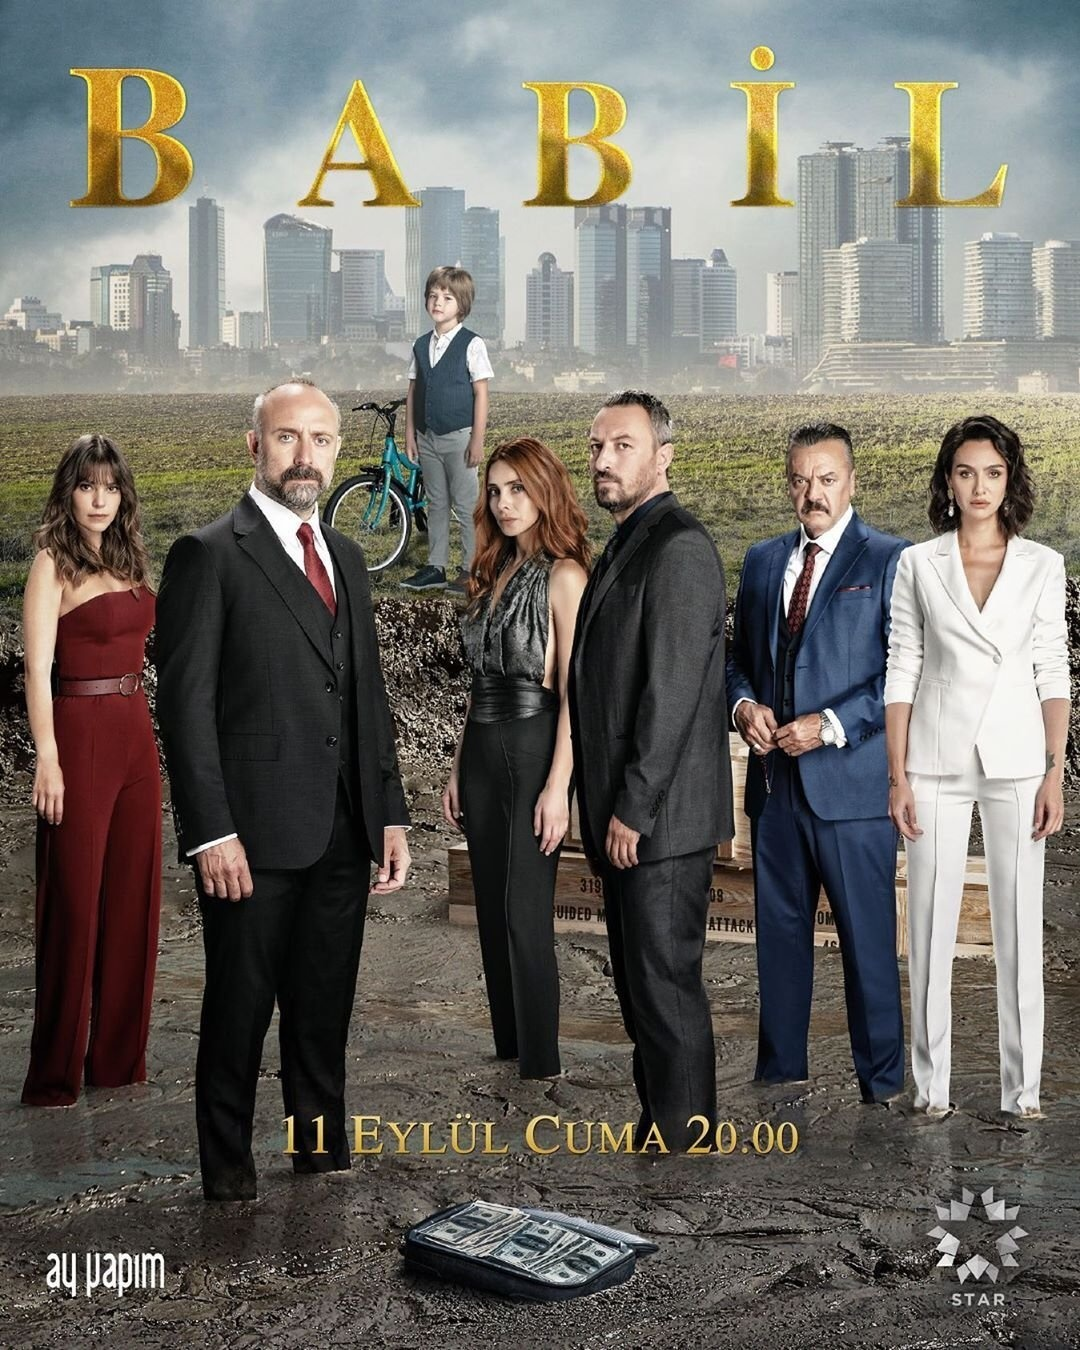 بابل 2 الحلقة 8 مدبلج